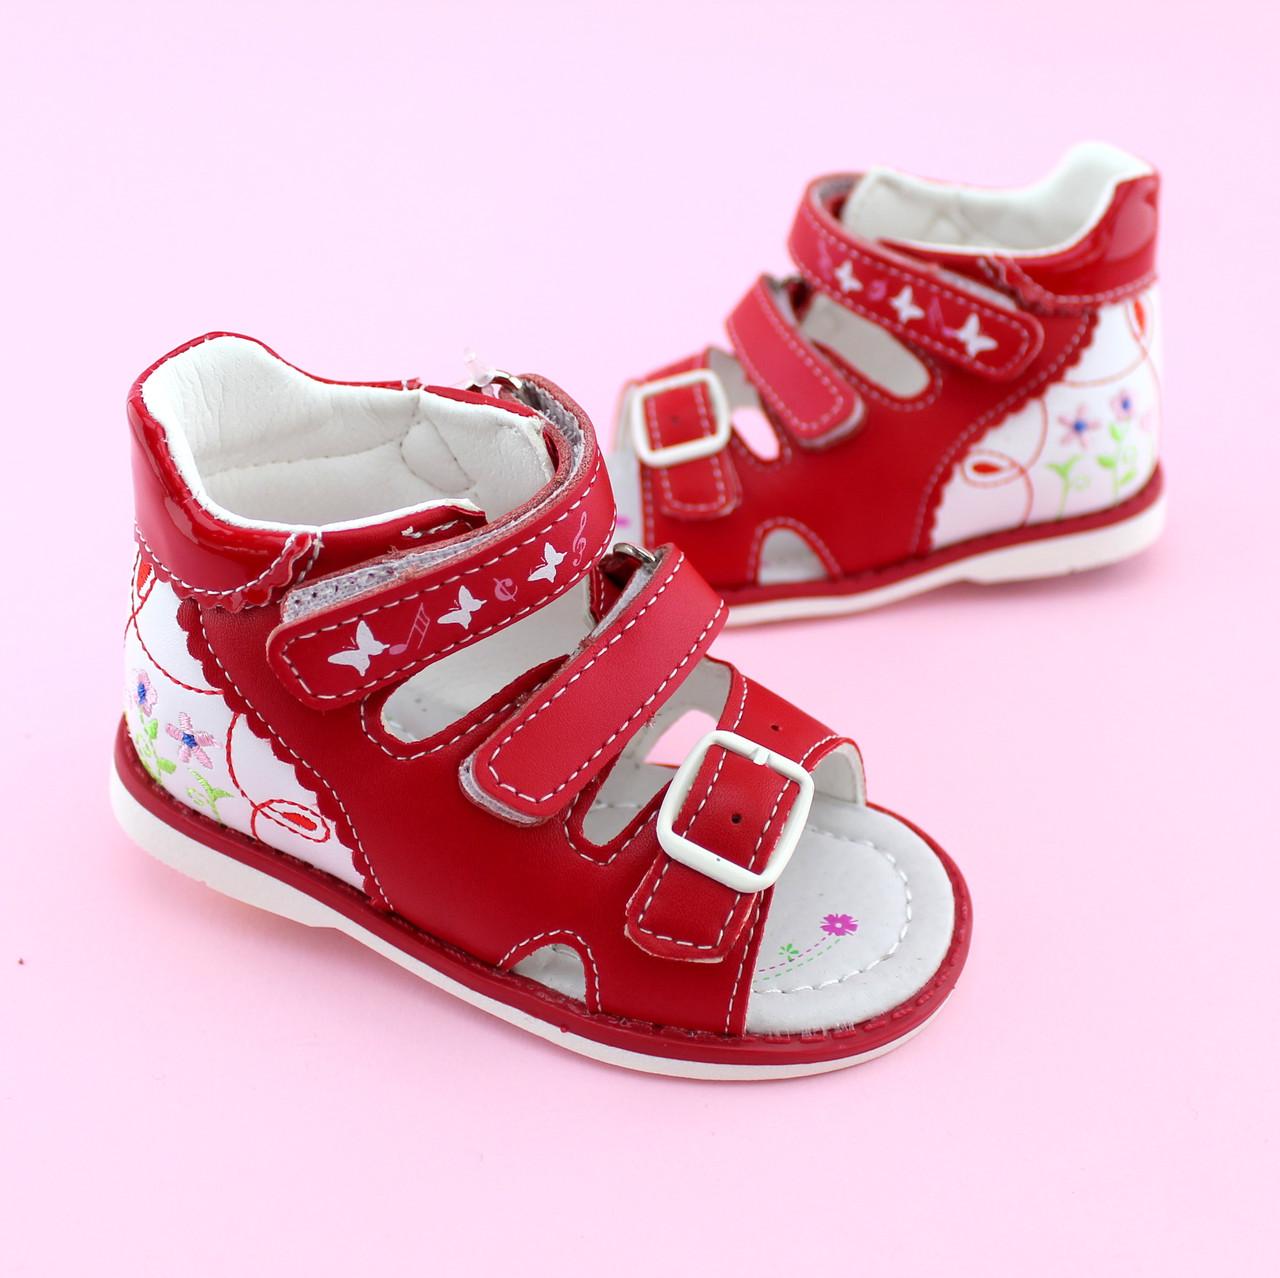 Босоножки ортопедические девочке Красные Том.м размер 17,21, фото 1